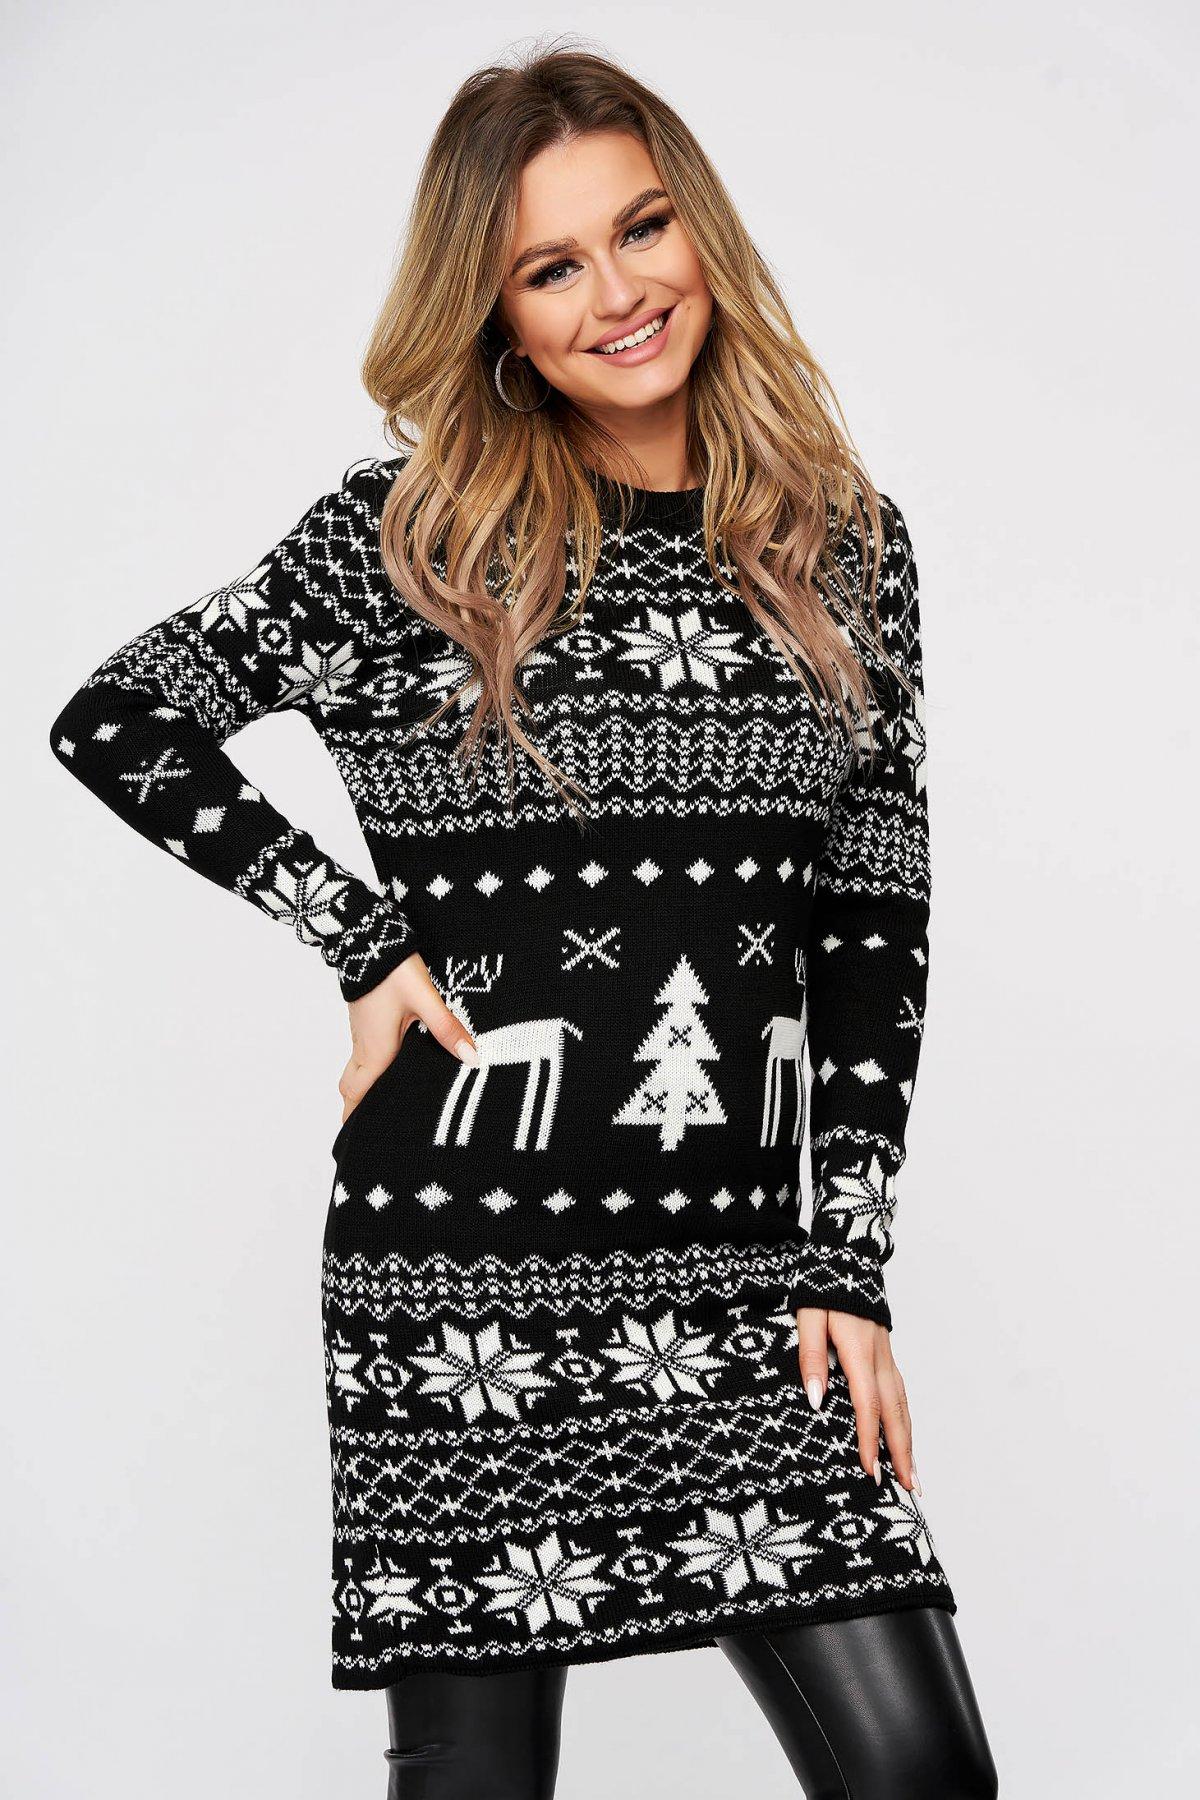 Rochie SunShine casual neagra cu imprimeu de craciun tricotata midi decolteu la baza gatului cu croi larg